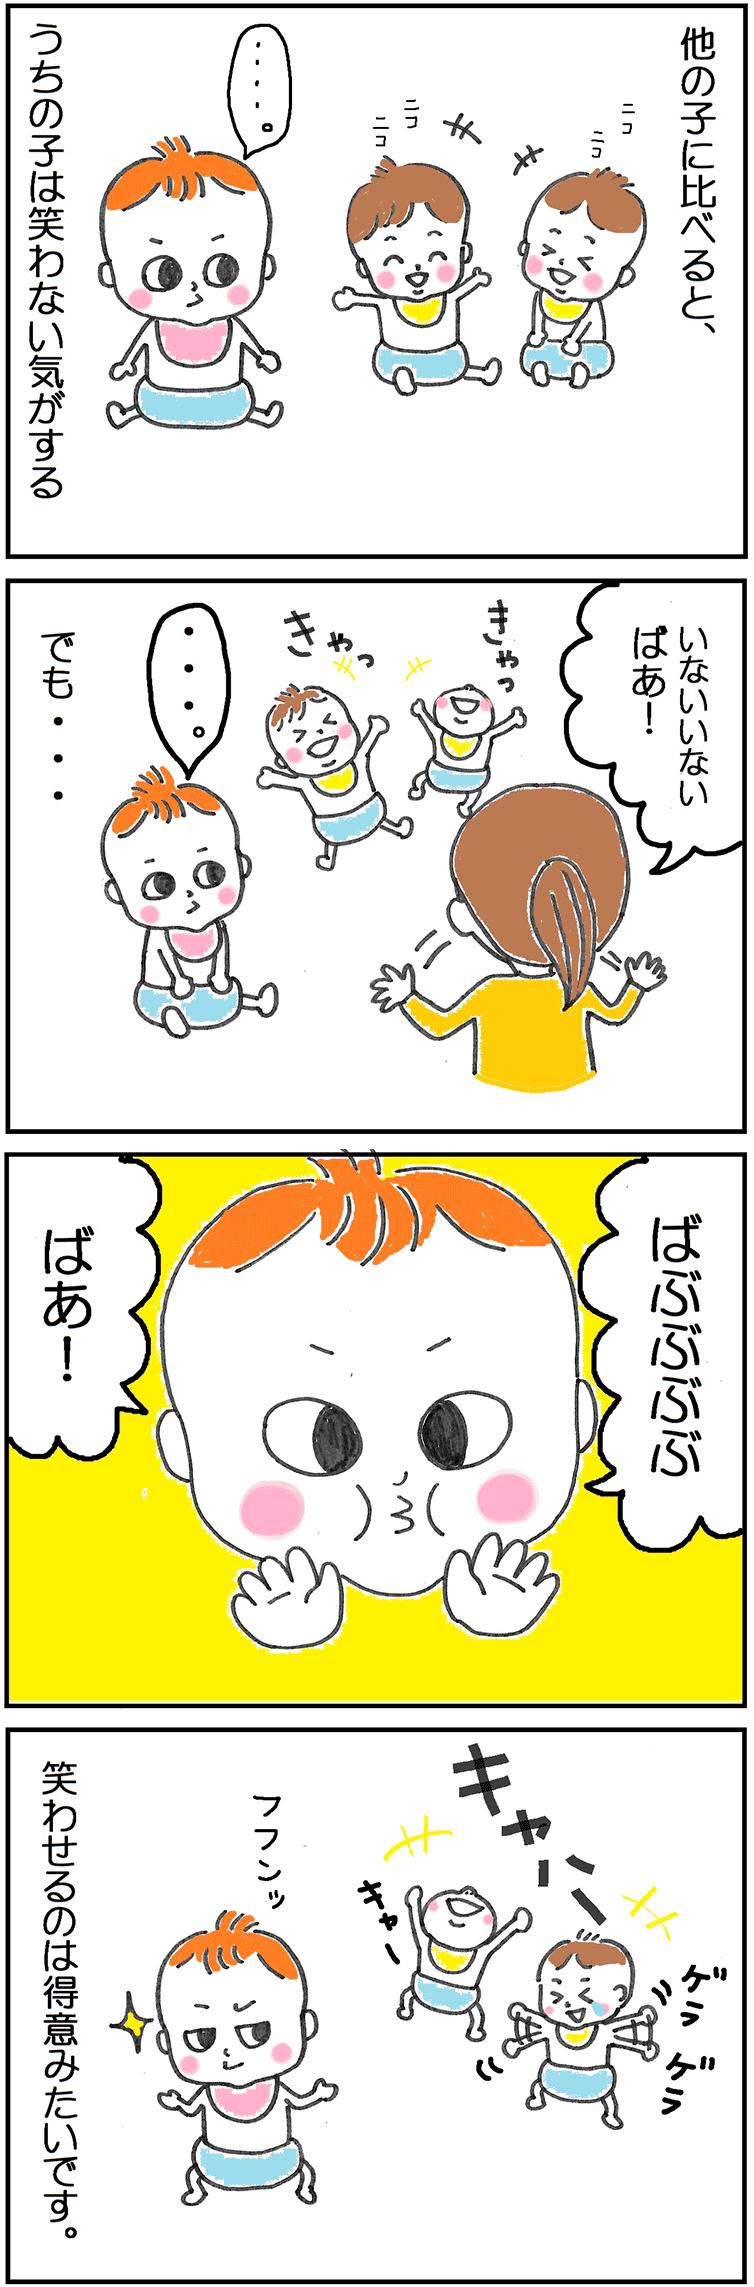 赤ちゃんが笑わないことについての子育て4コマ漫画